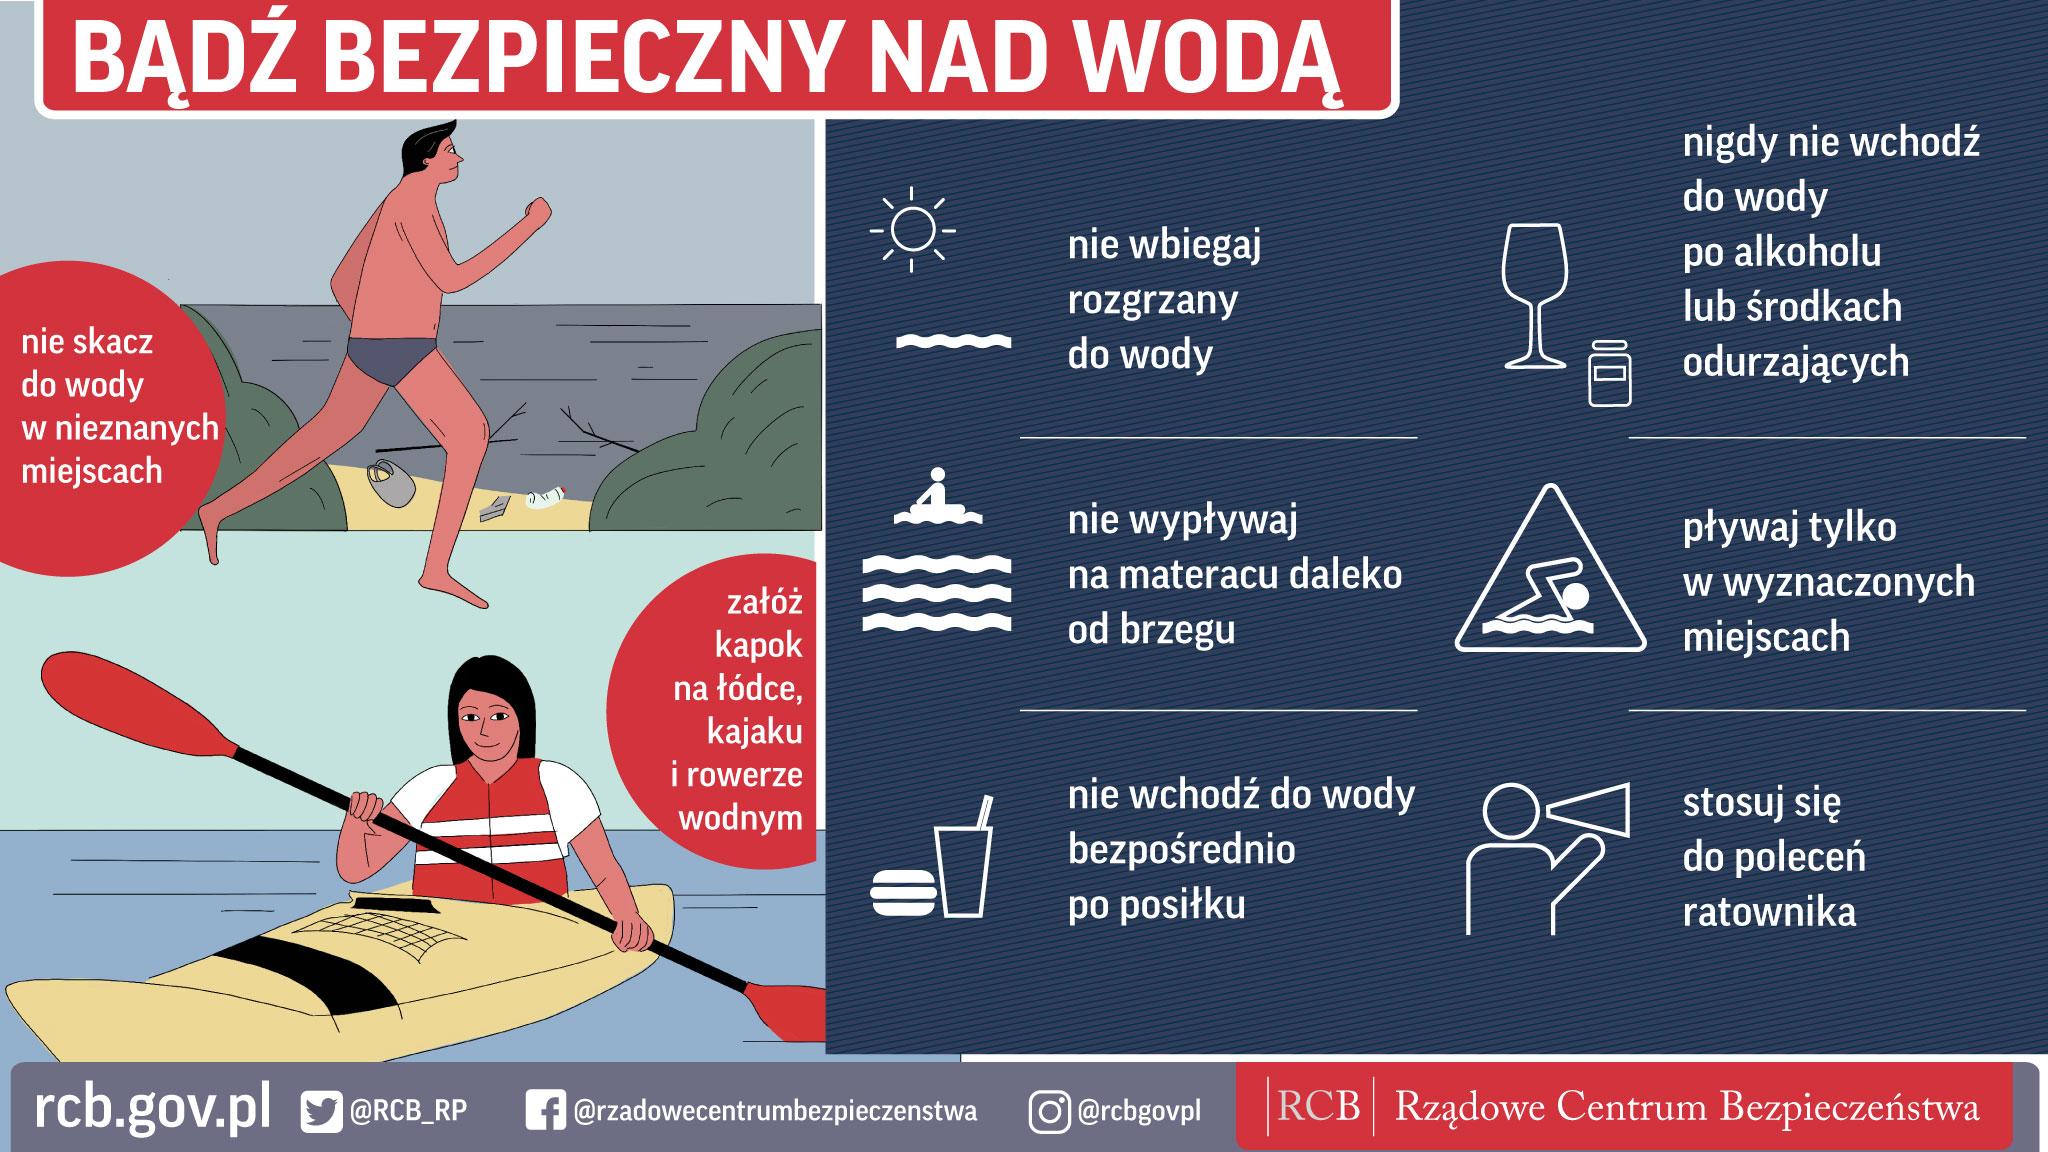 Infografika dotycząca bezpiecznych zachowań nad wodą: - nie skacz do wody w nieznanych miejscach, - załóż kapok na łódce, kajaku i rowerze wodnym, - nie wbiegaj rozgrzany do wody, - nie wypływaj na materacu daleko od brzegu, - nie wchodź do wody bezpośrednio po posiłku, - nigdy nie wchodź do wody po alkoholu lub środkach odurzających, - pływaj tylko w wyznaczonych miejscach, - stosuj się do poleceń ratownika.